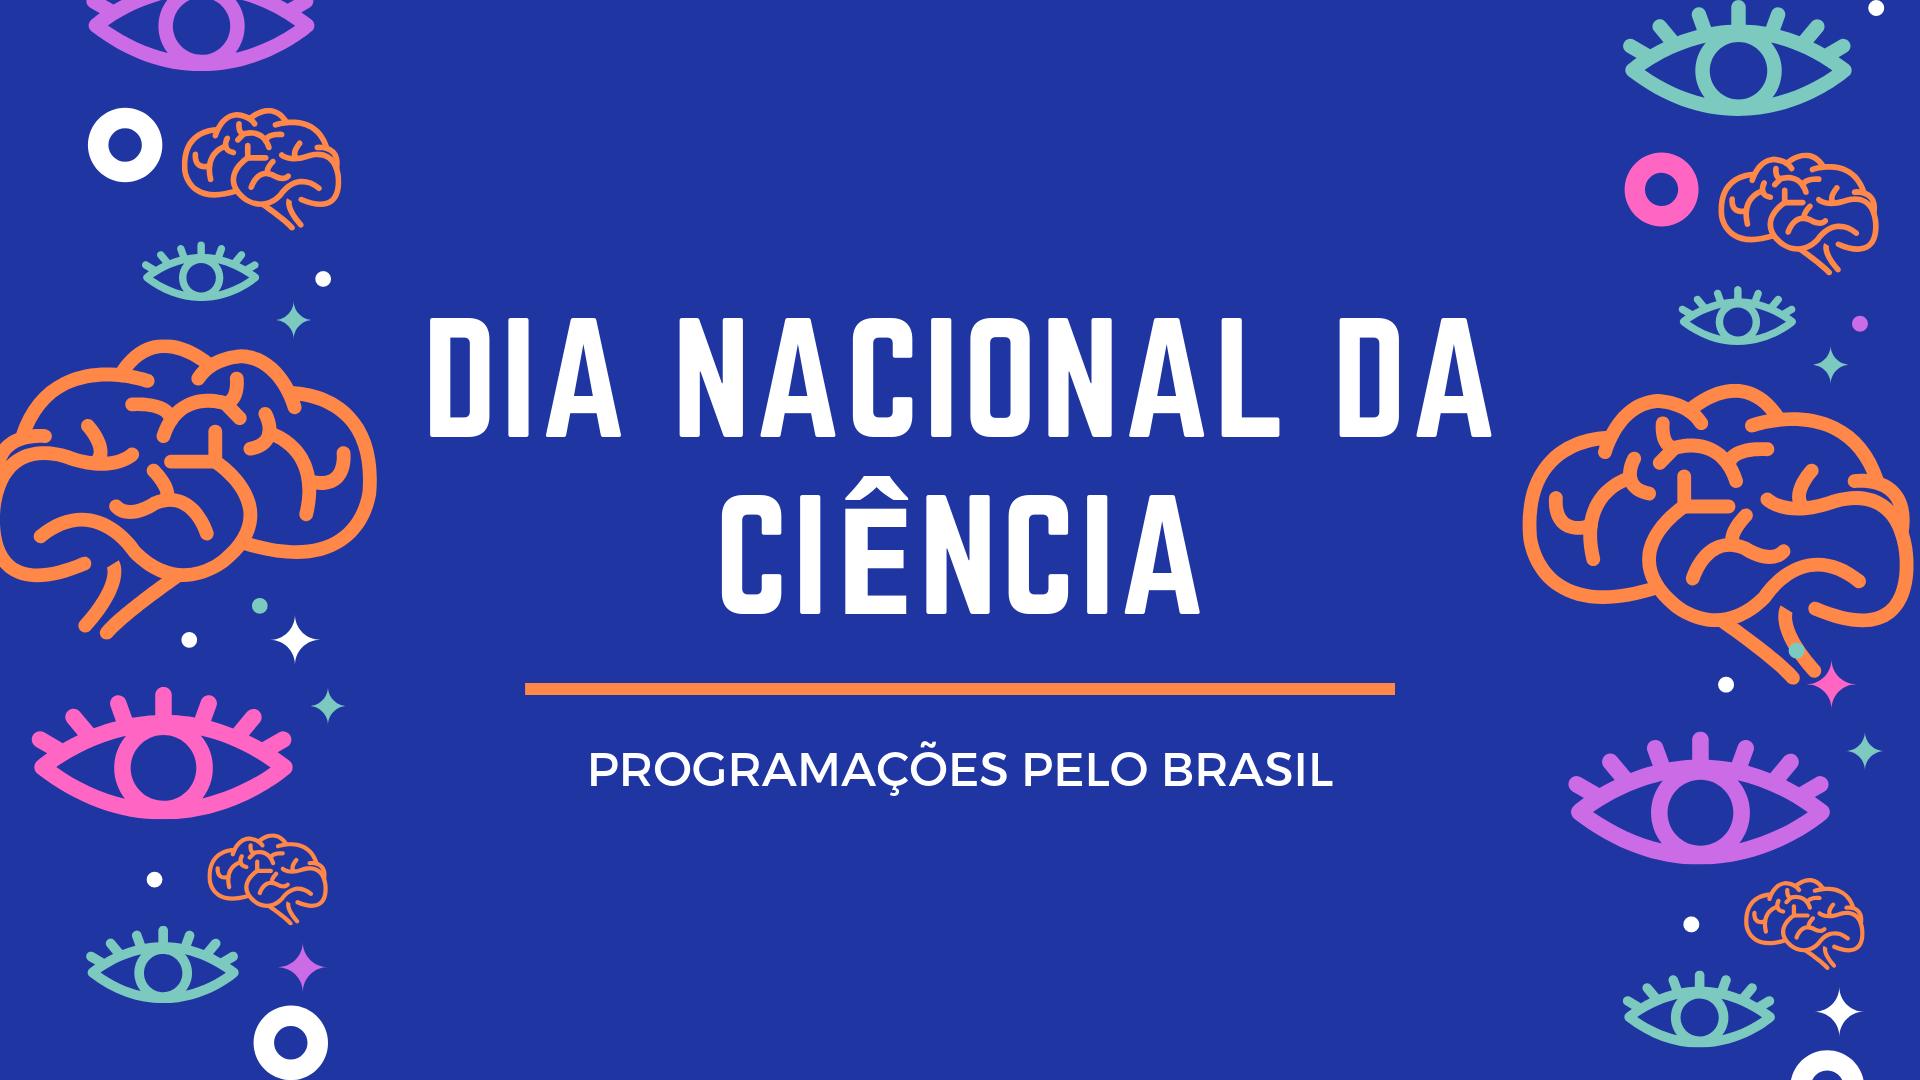 Pelo Brasil: Dia Nacional Da Ciência